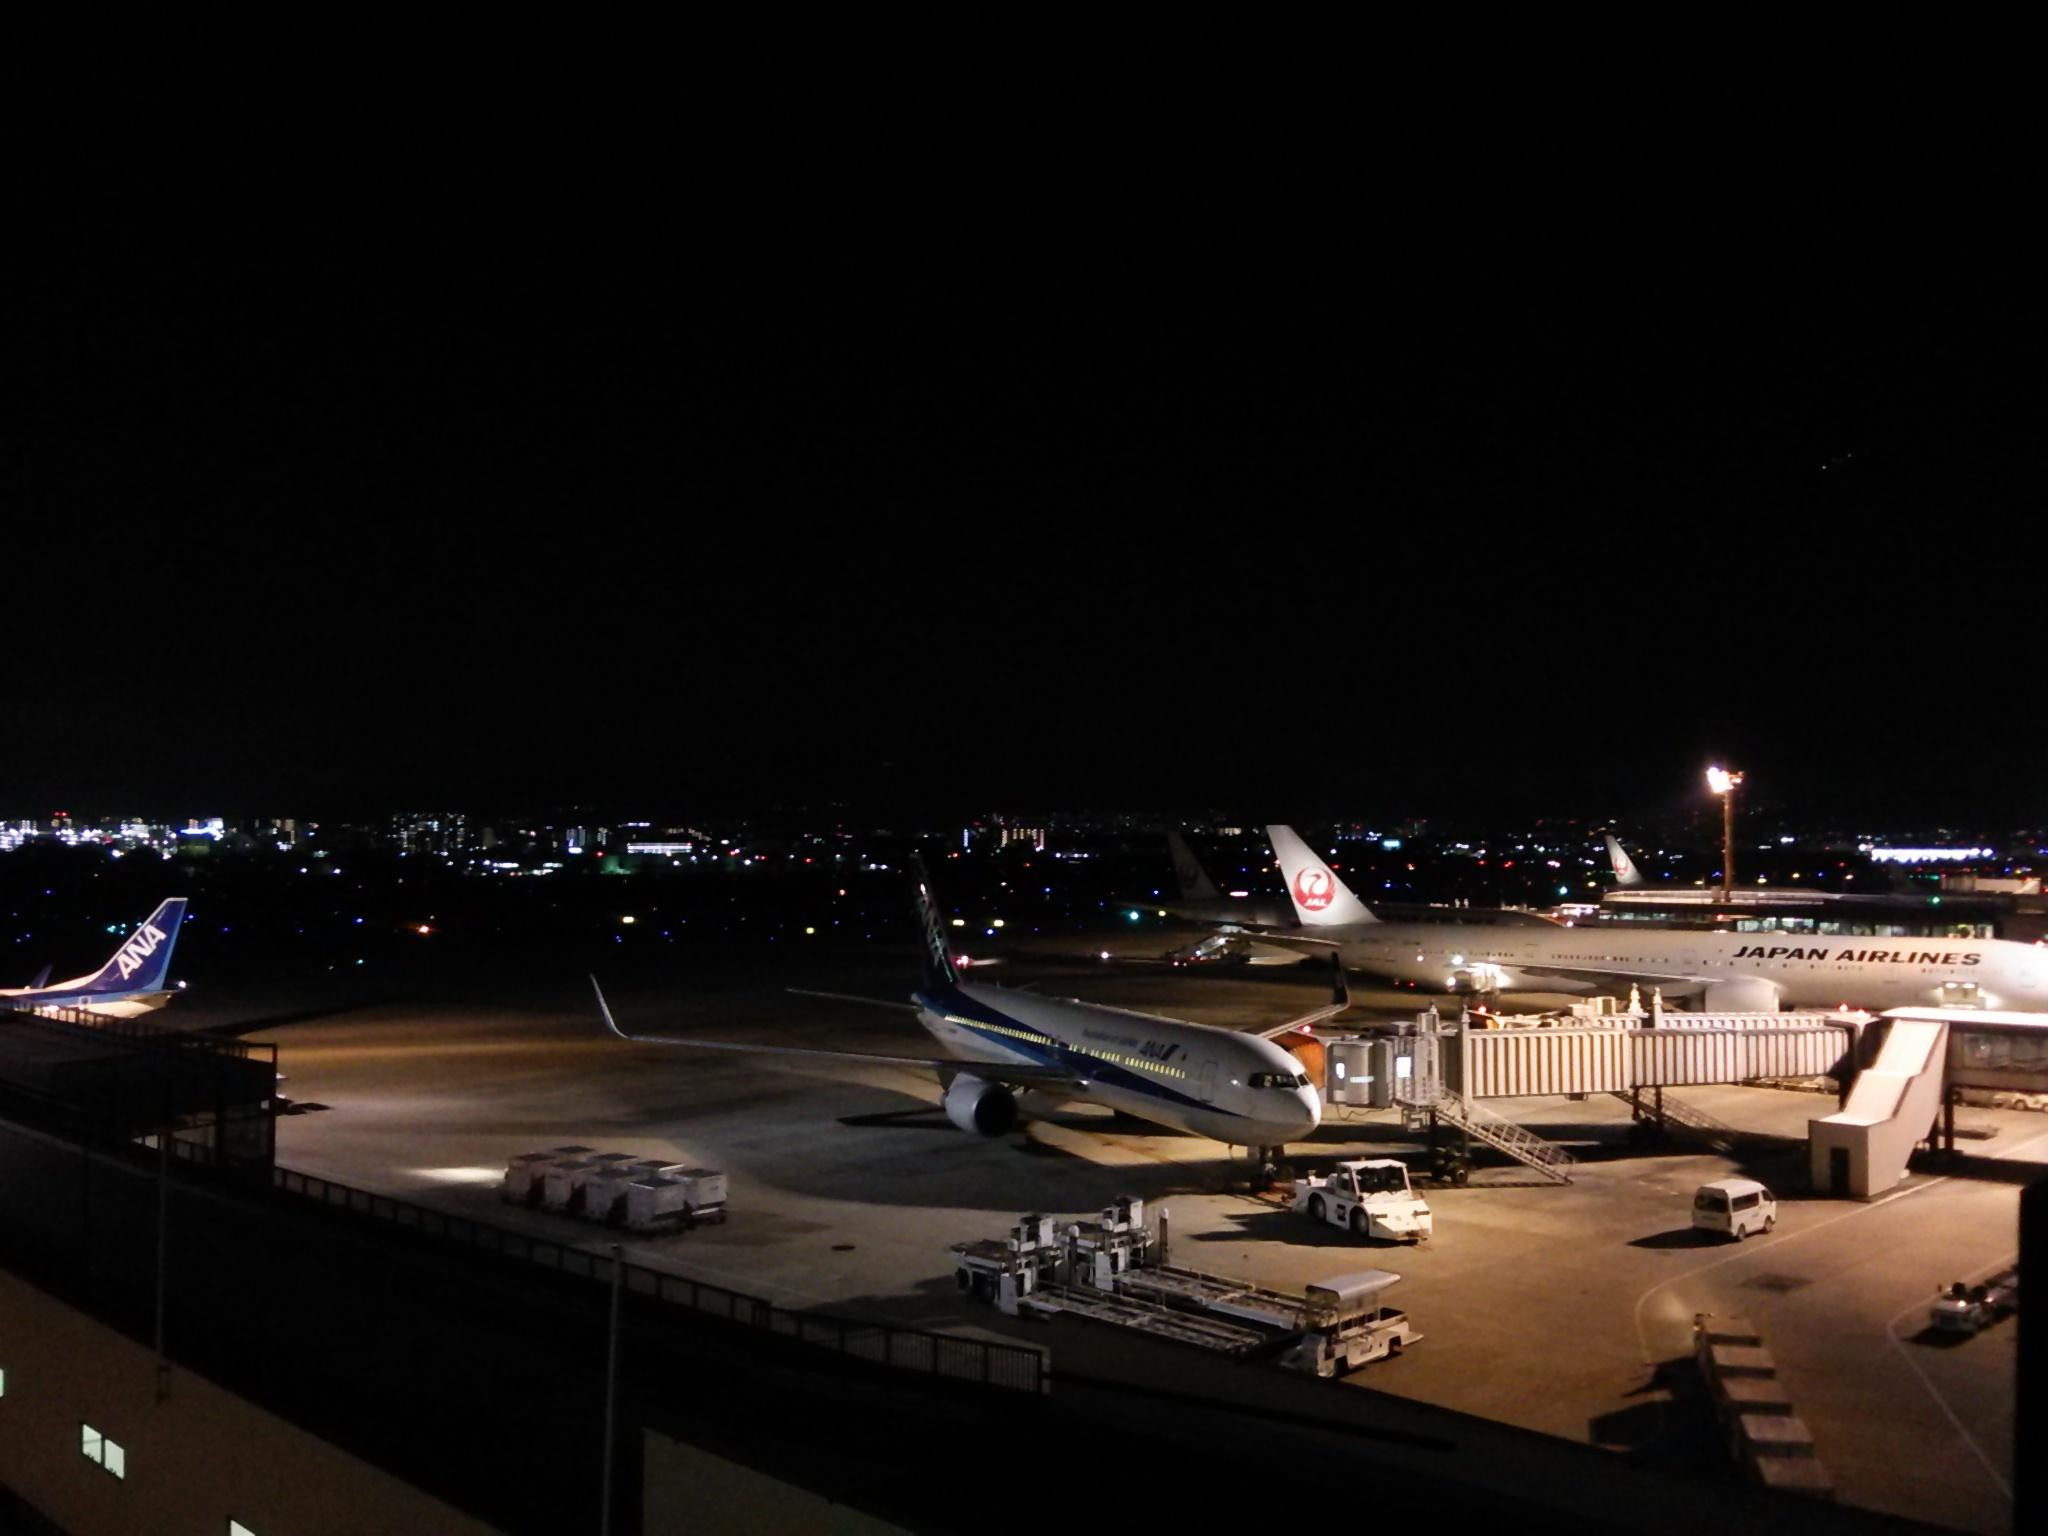 伊丹空港にて_d0202264_20304113.jpg